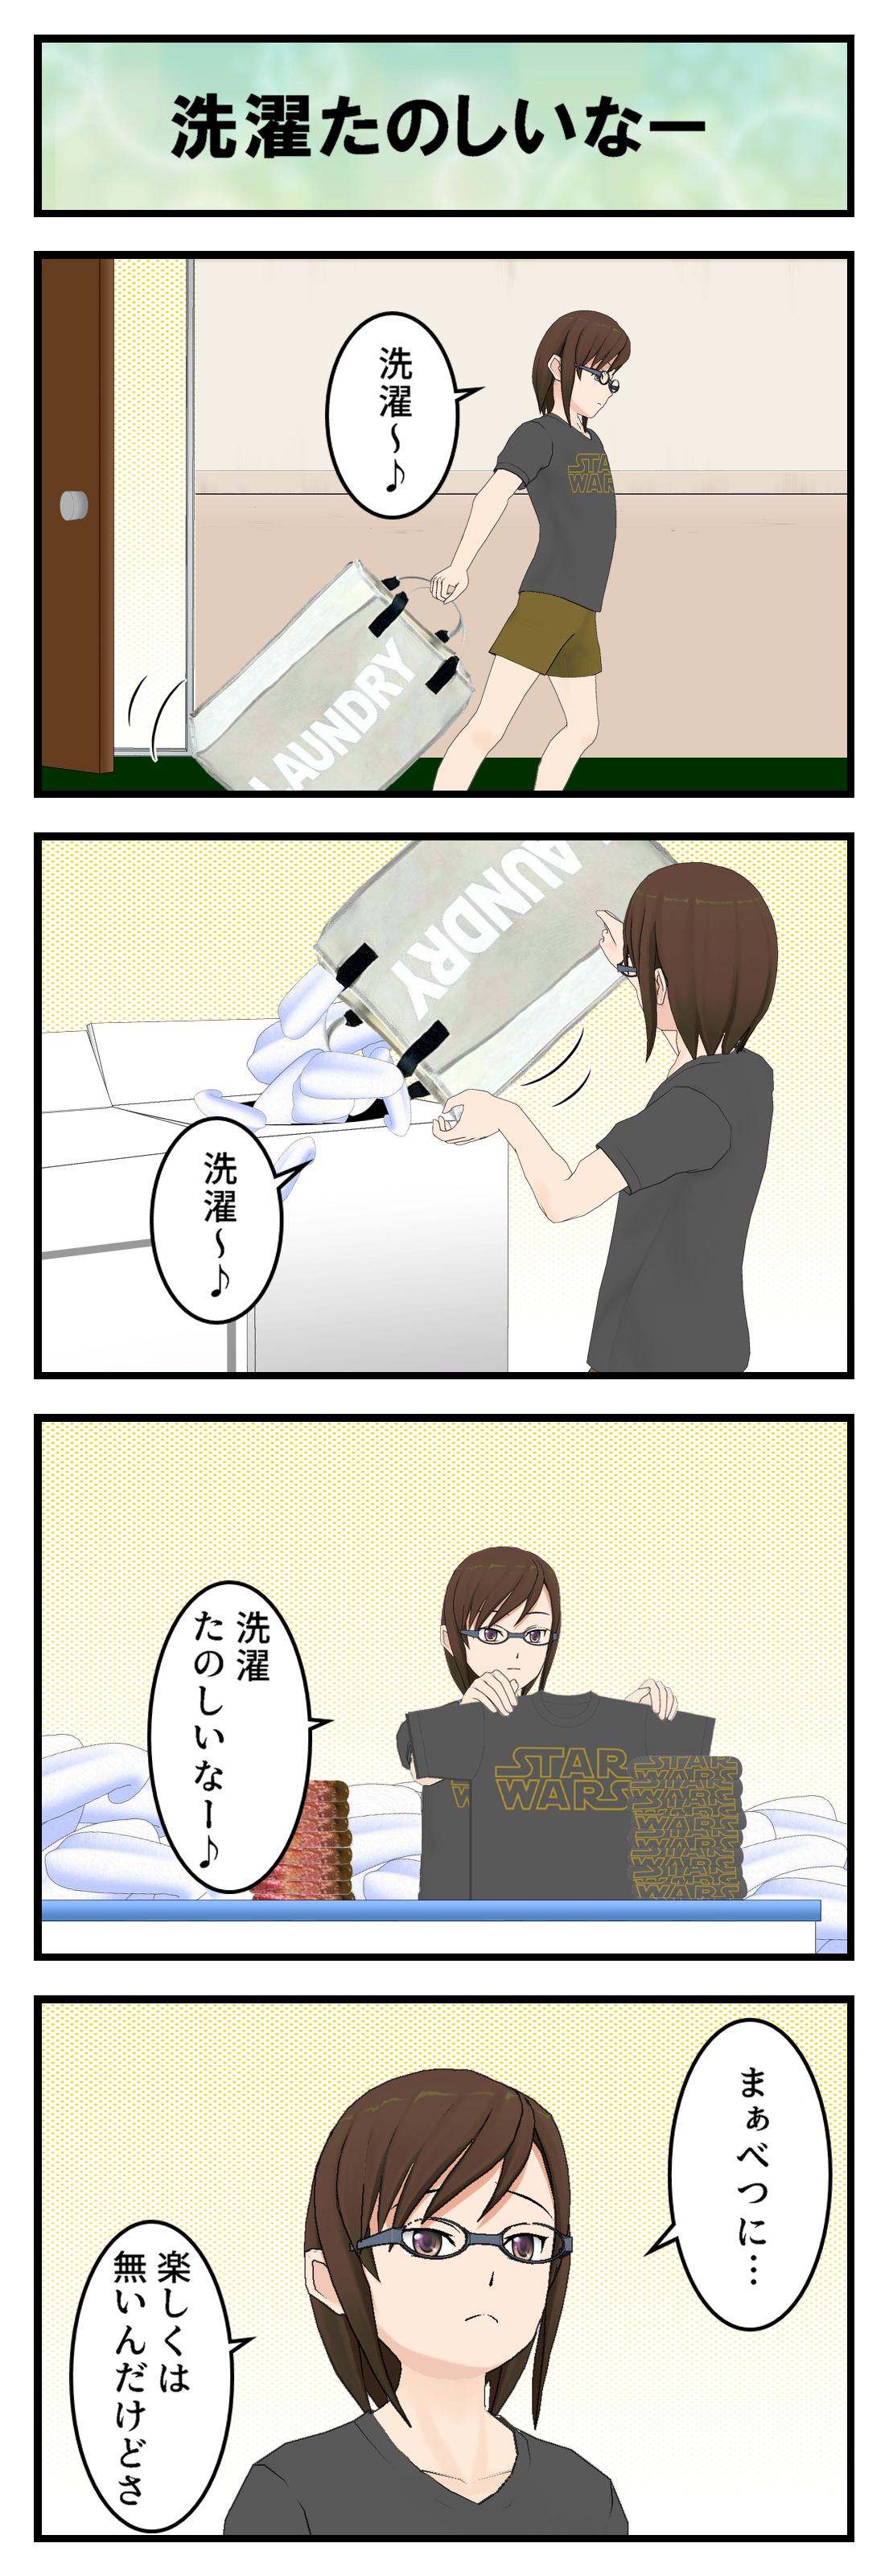 R213_洗濯たのしいなー_001